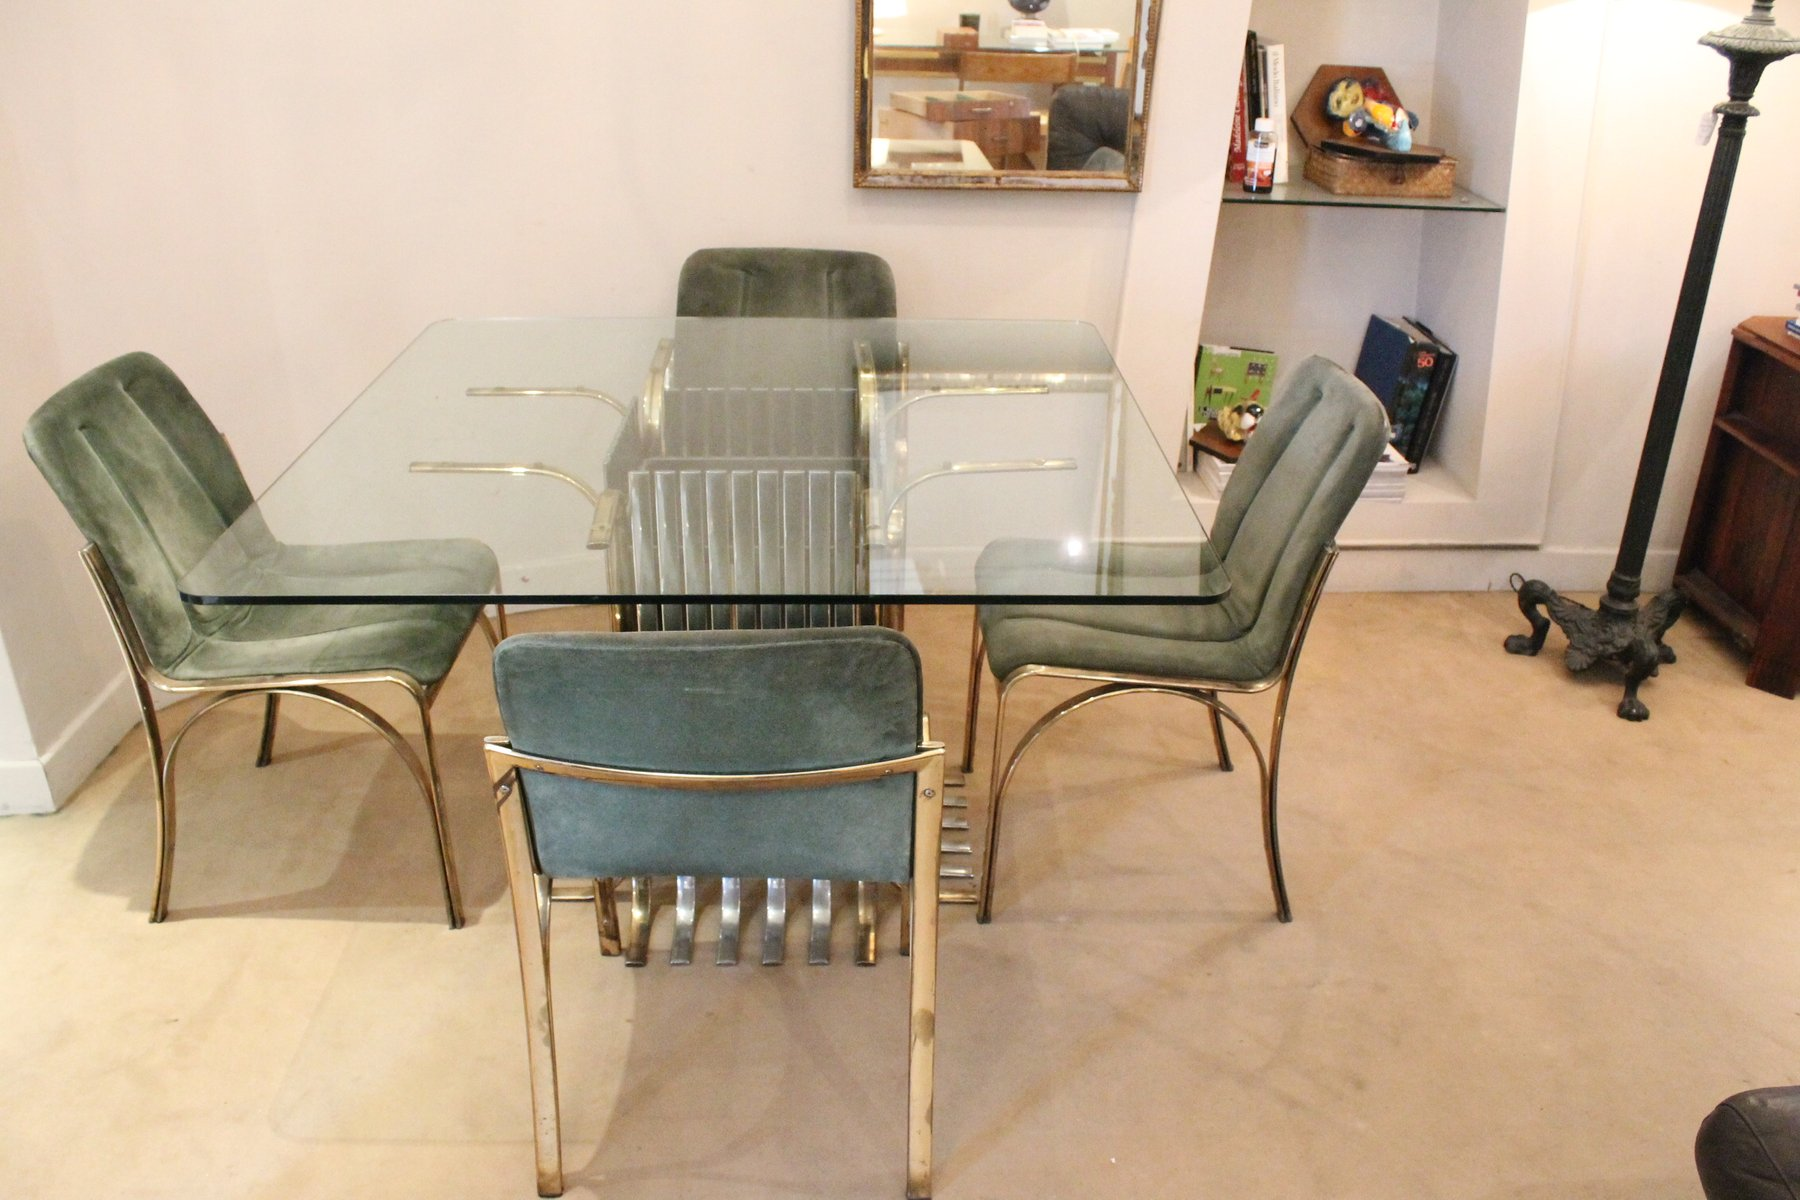 glas esstisch mit vier st hlen italien 1970 bei pamono. Black Bedroom Furniture Sets. Home Design Ideas